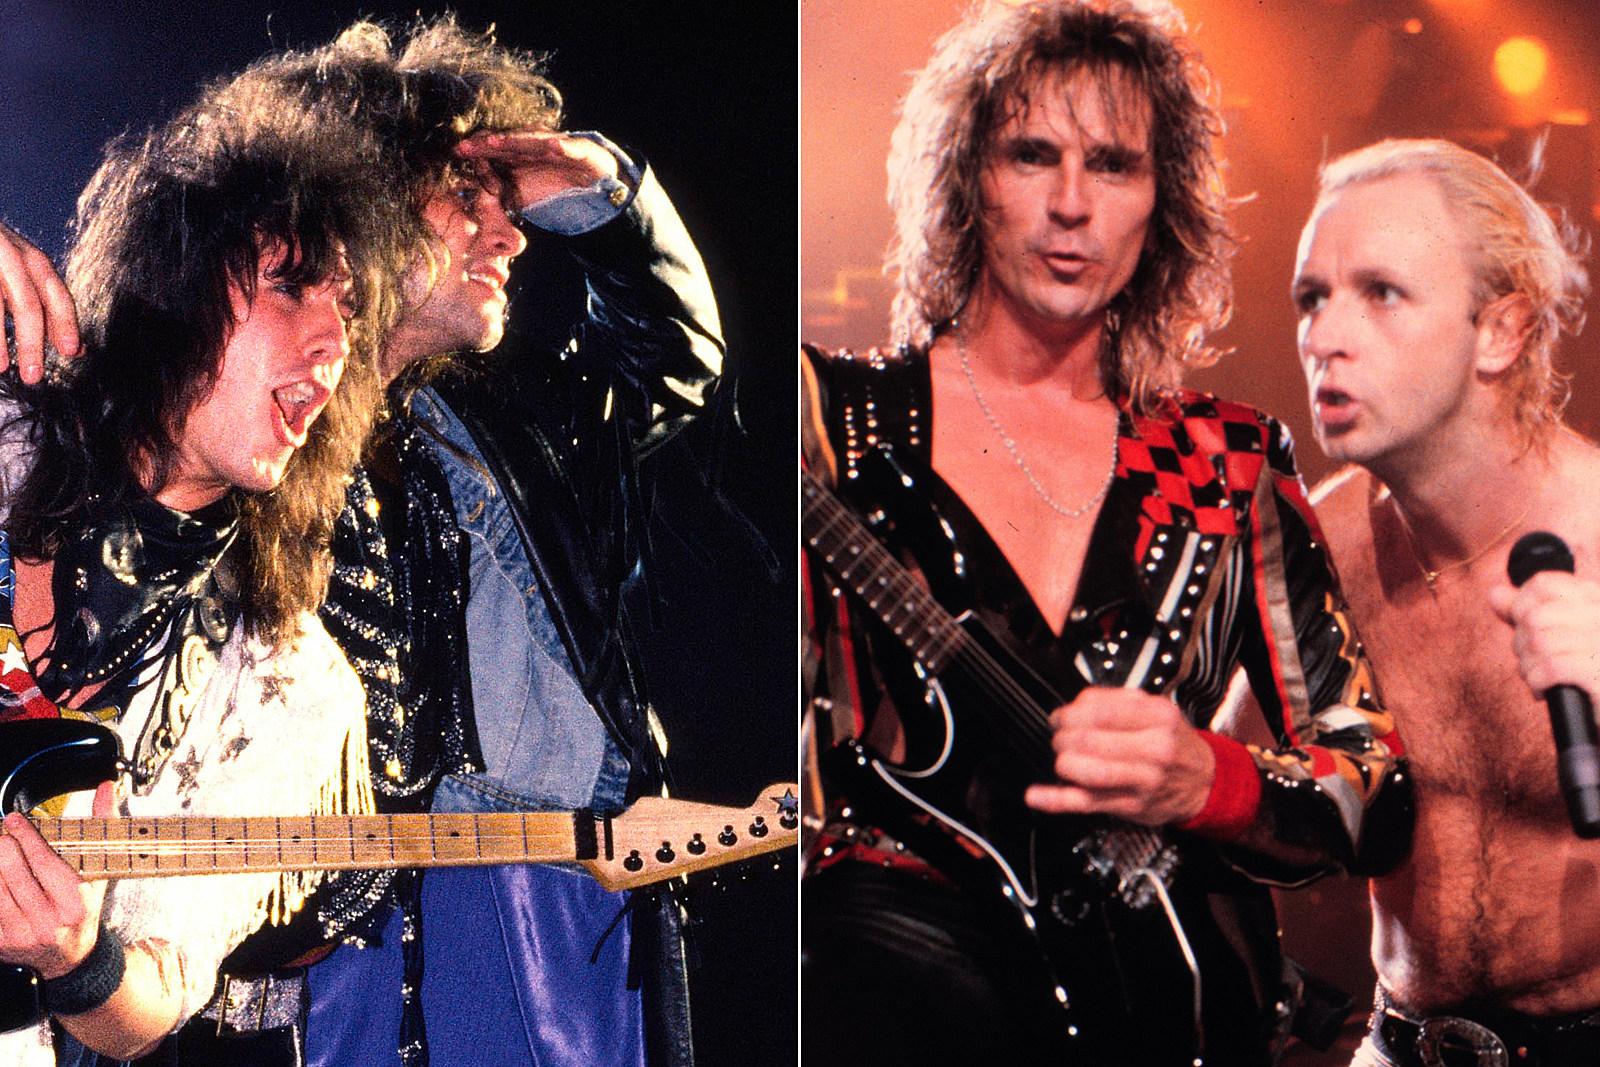 Bon Jovi 'Never Listened to' Judas Priest Before Tour Together